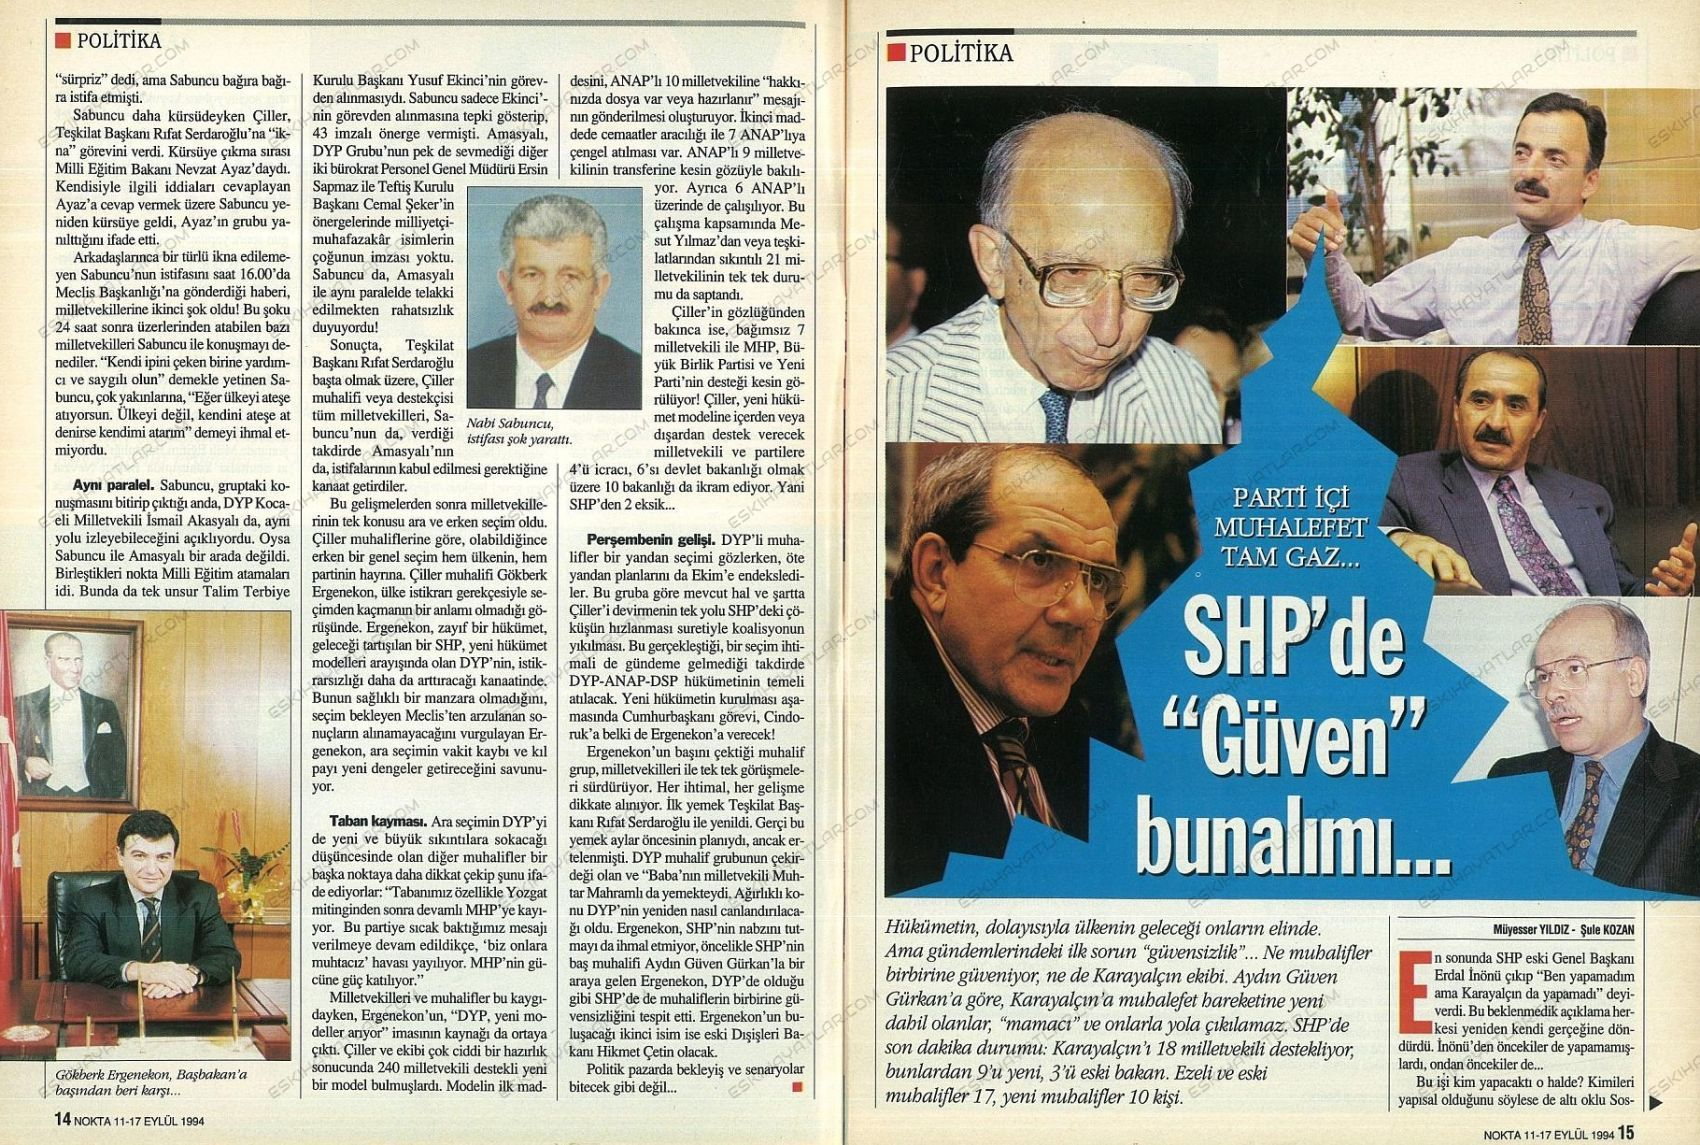 0270-tansu-ciller-yeni-hukumet-pesinde-1994-nokta-dergisi (2)